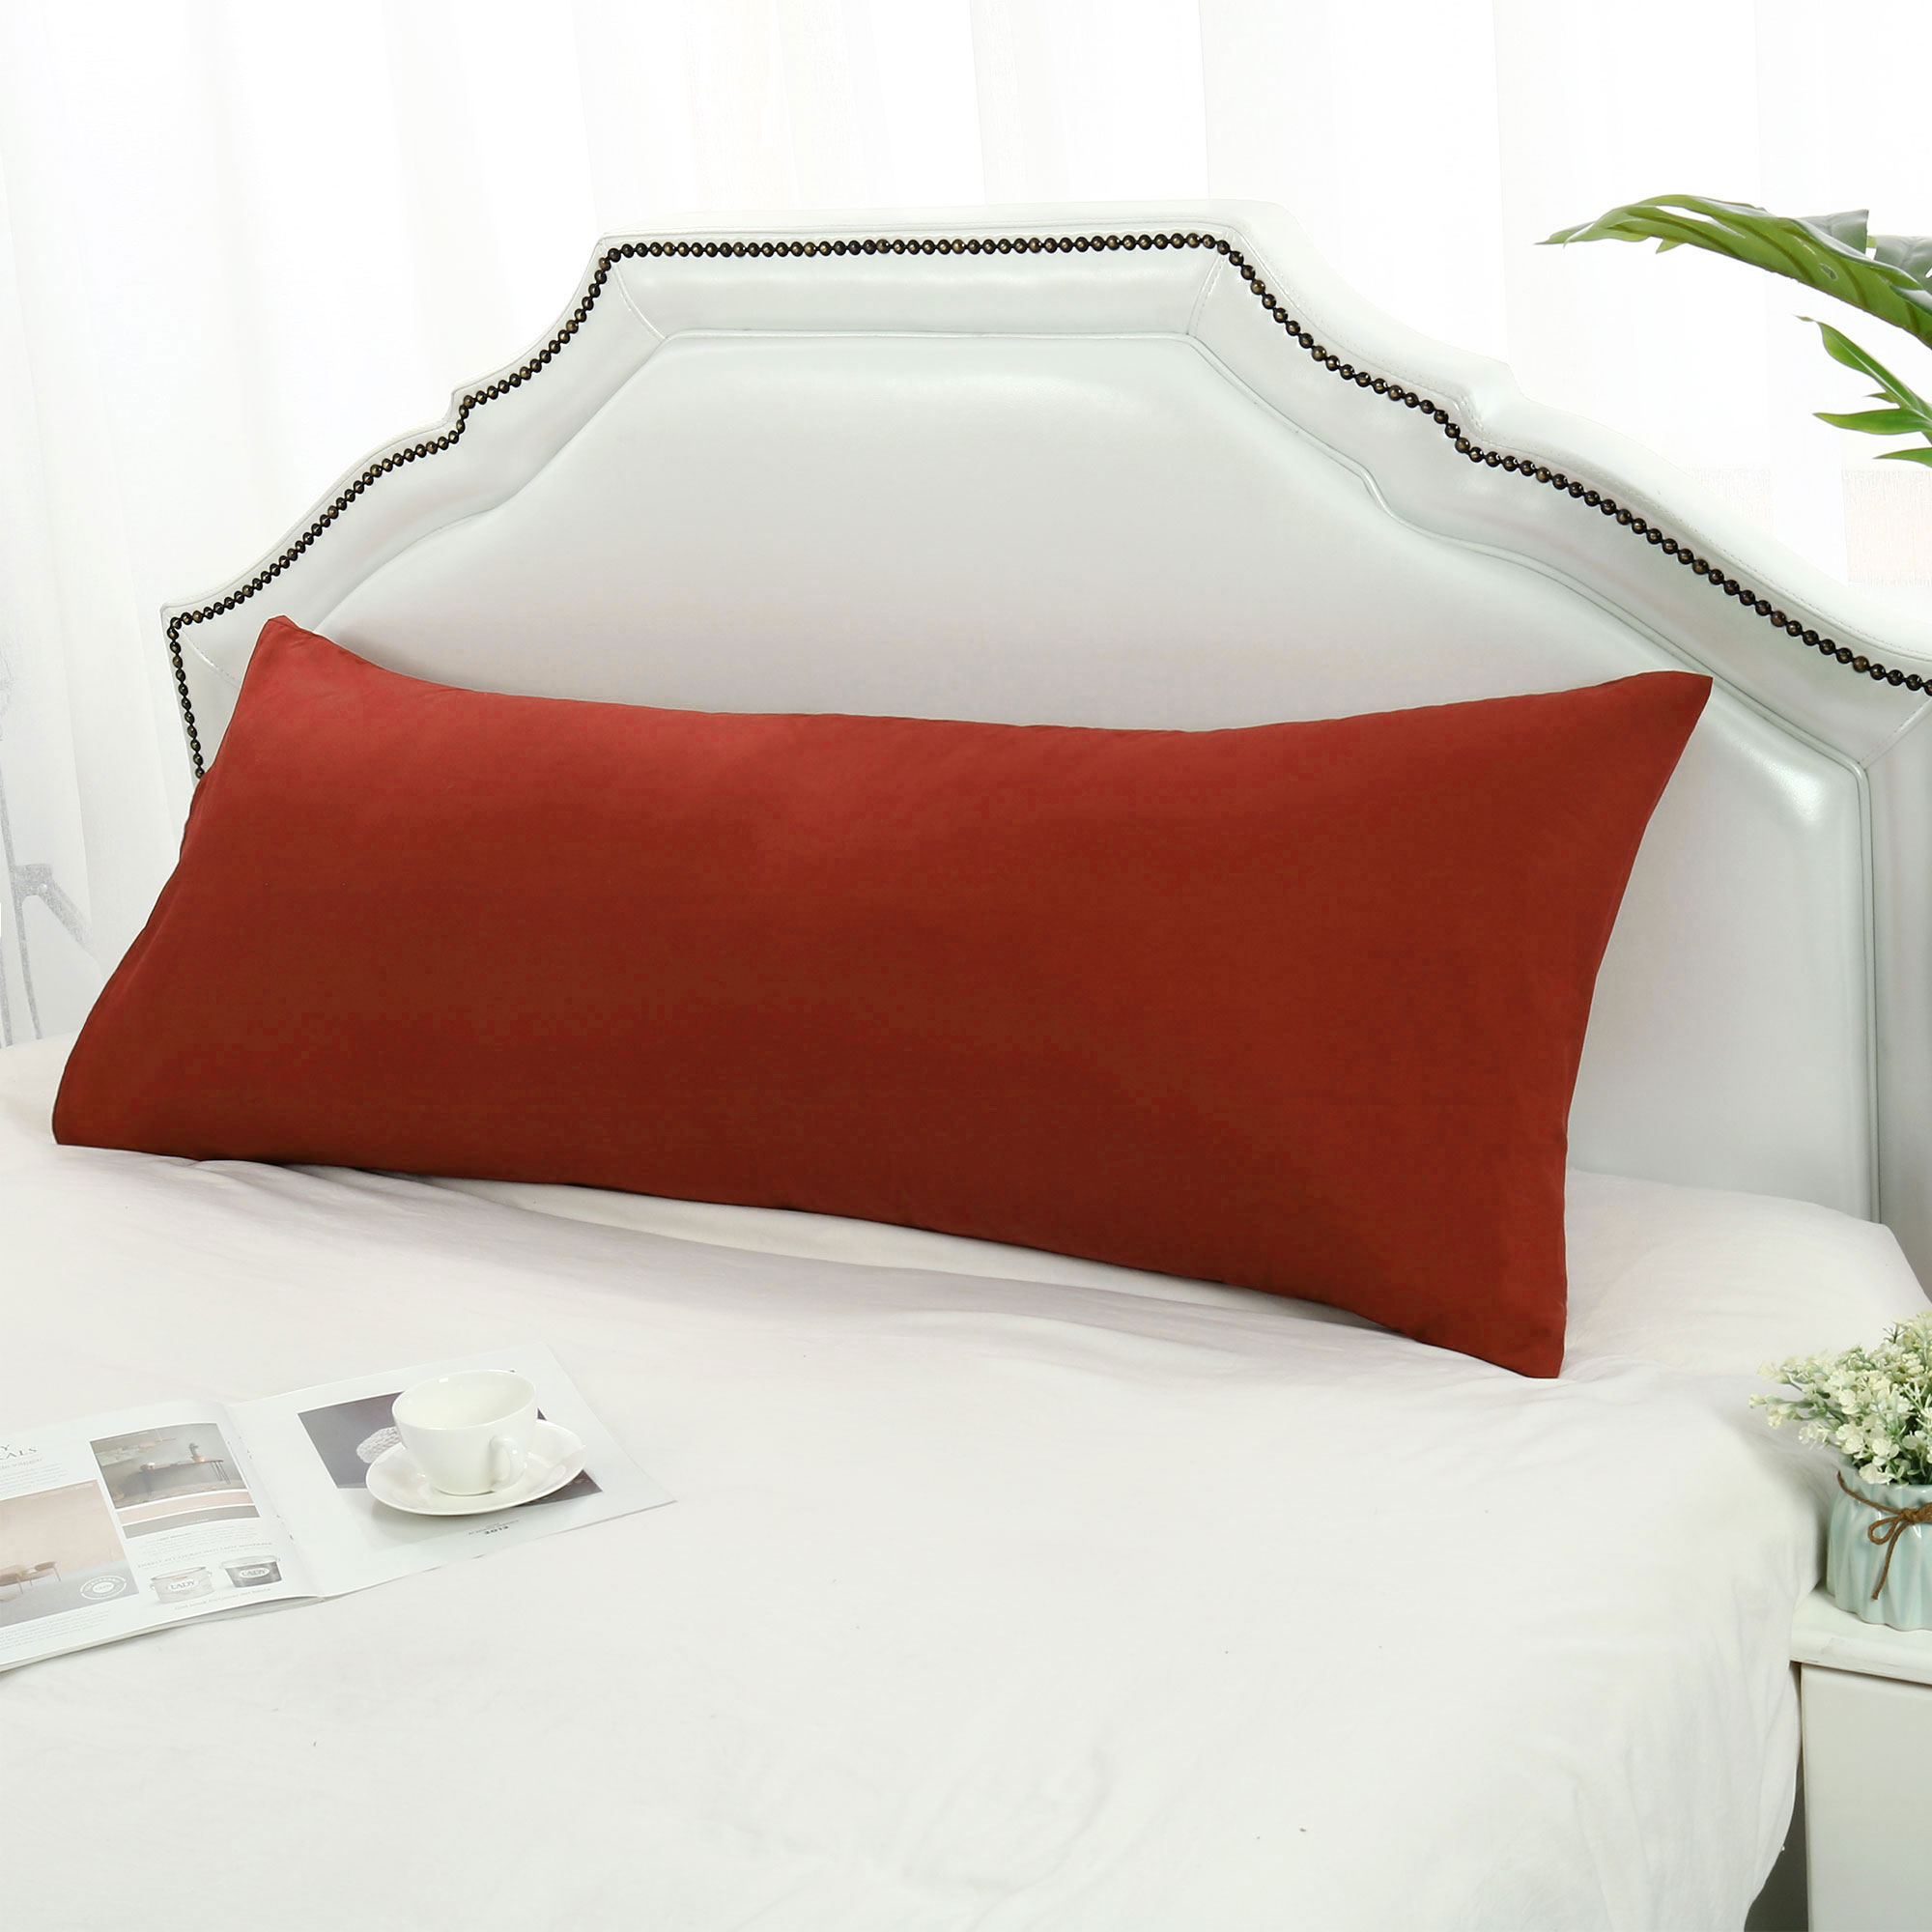 2 Pcs Travel Size Pillowcases Soft 1800 Microfiber Pillow Case Covers 17 Colors